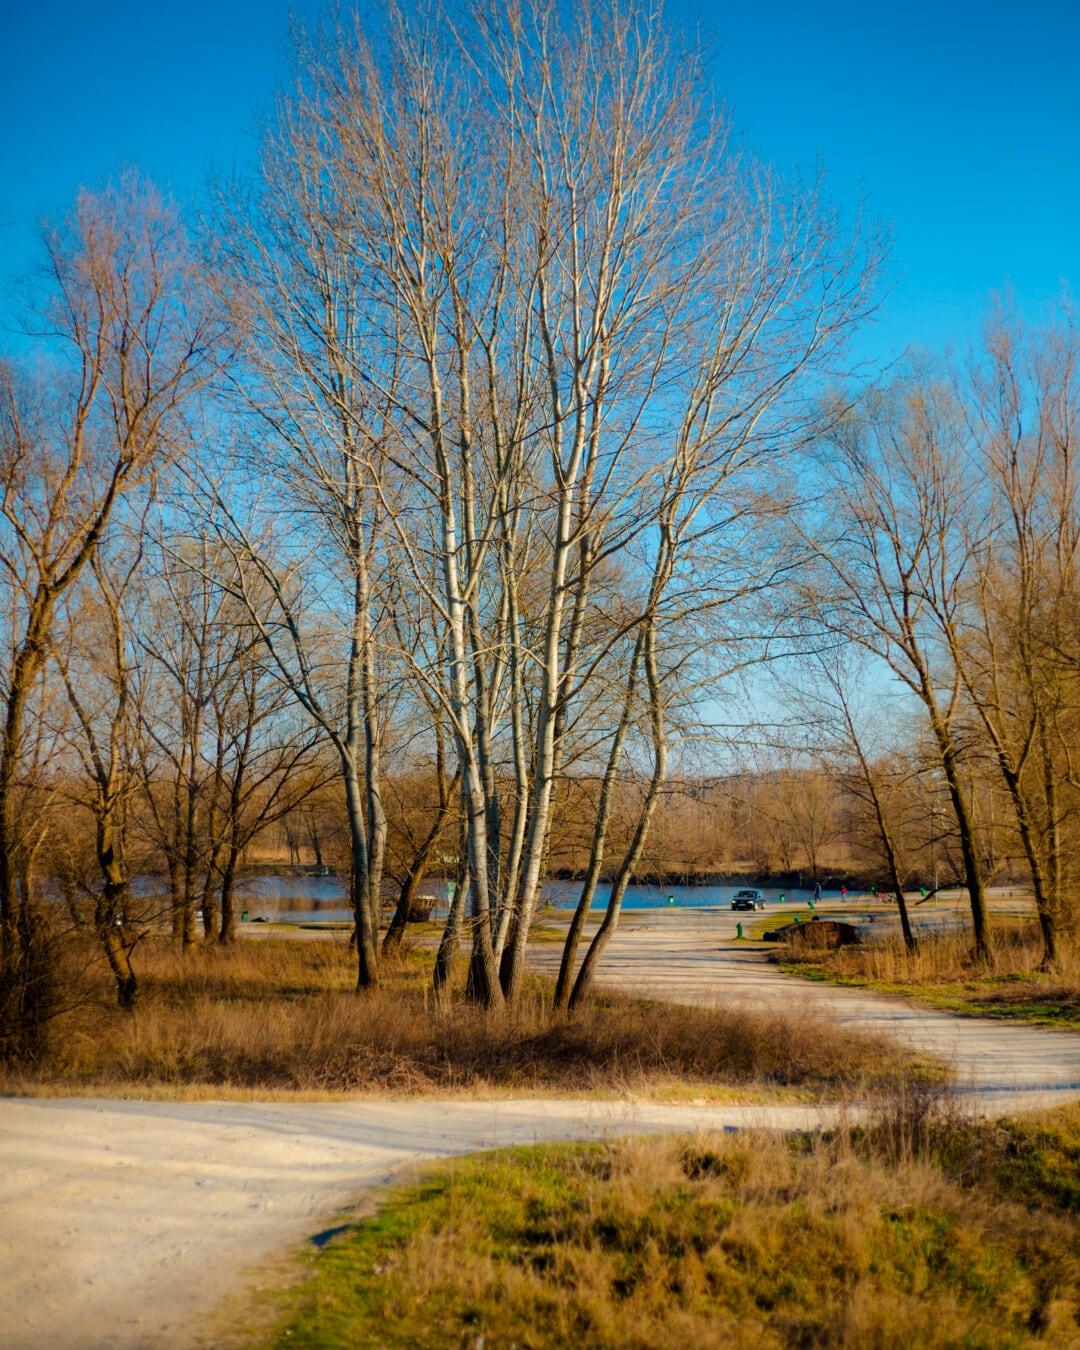 Itinéraire, rural, pente, au bord du lac, arbre, paysage, arbres, nature, bois, aube